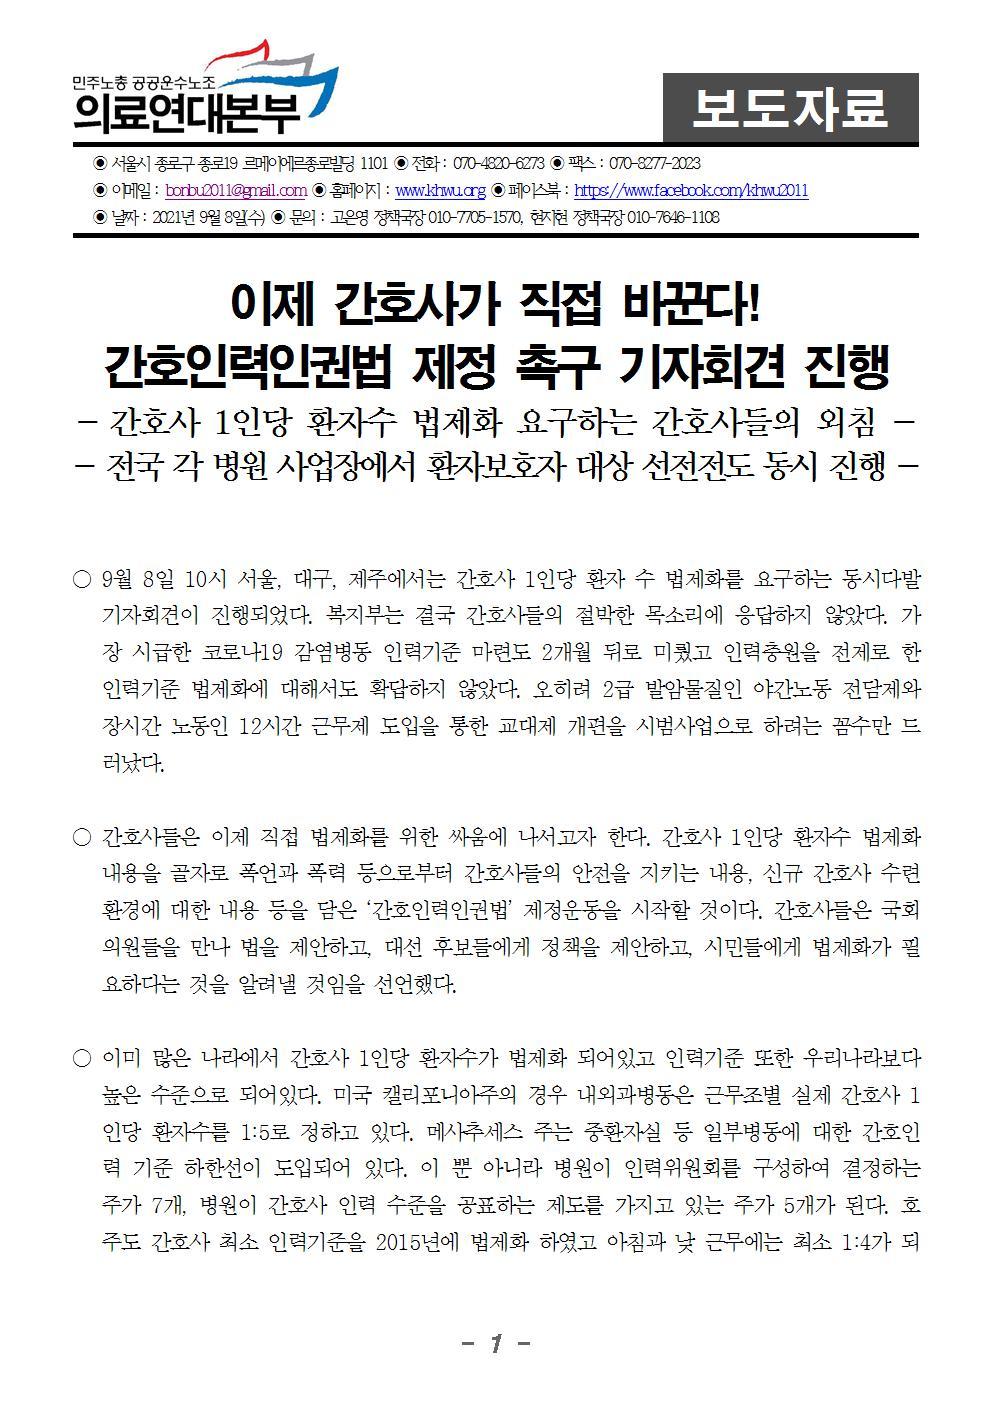 210908_보도자료_환자수_법제화_촉구_기자회견(완)001.jpg